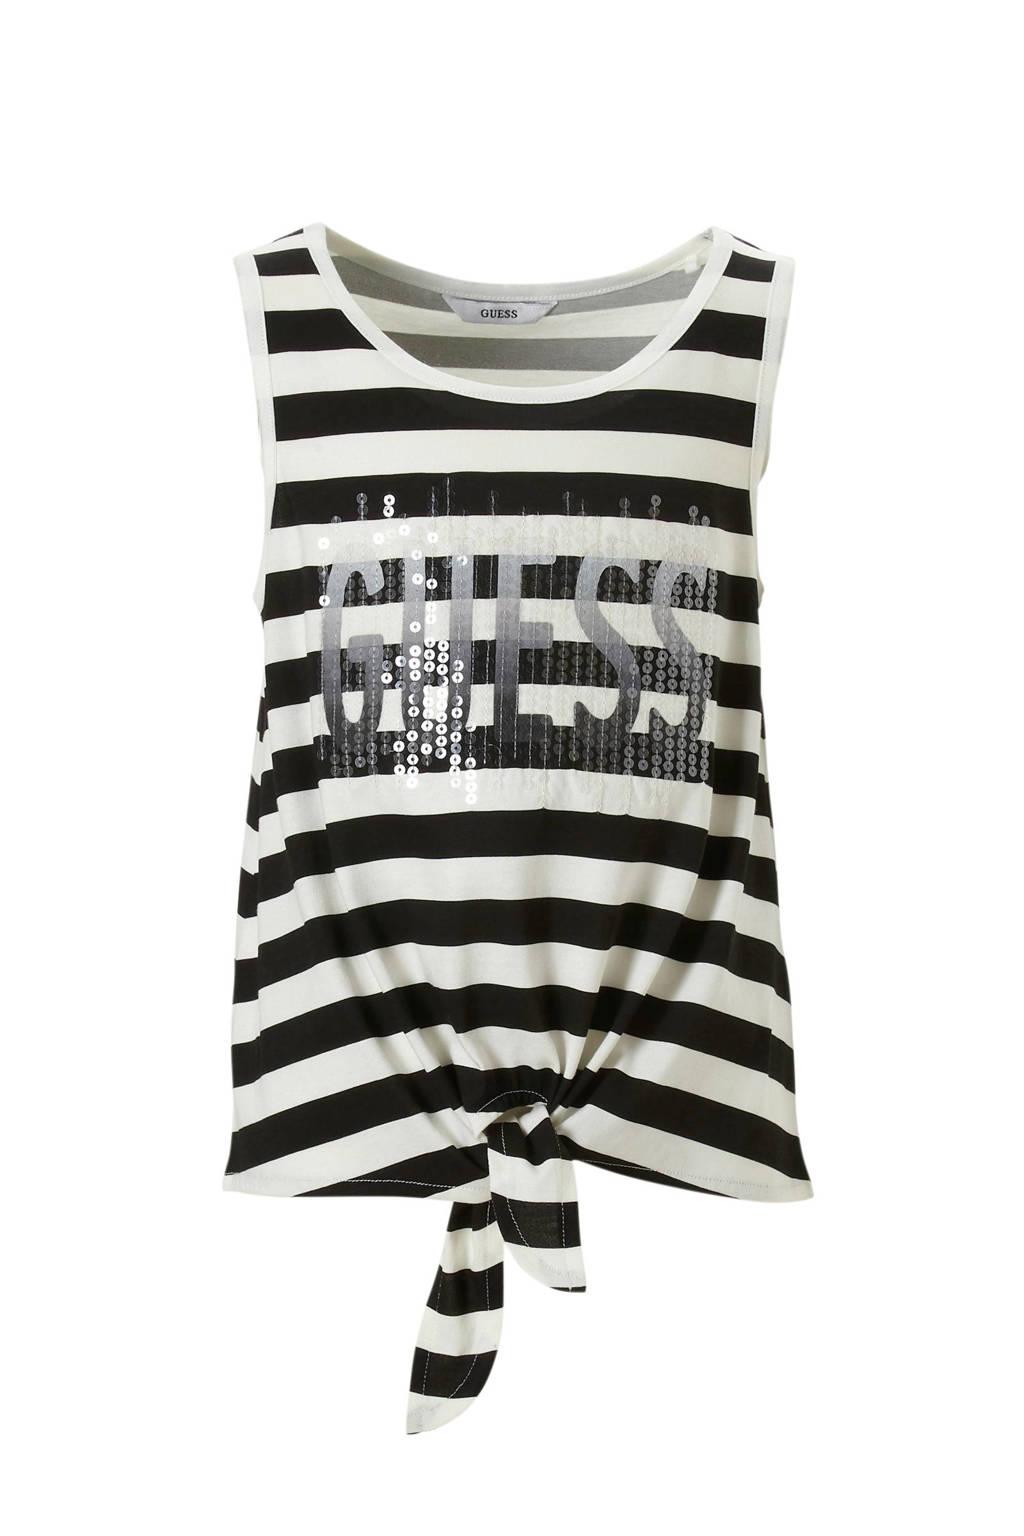 GUESS T-shirt gestreept met knoopdetail, zwart/ wit